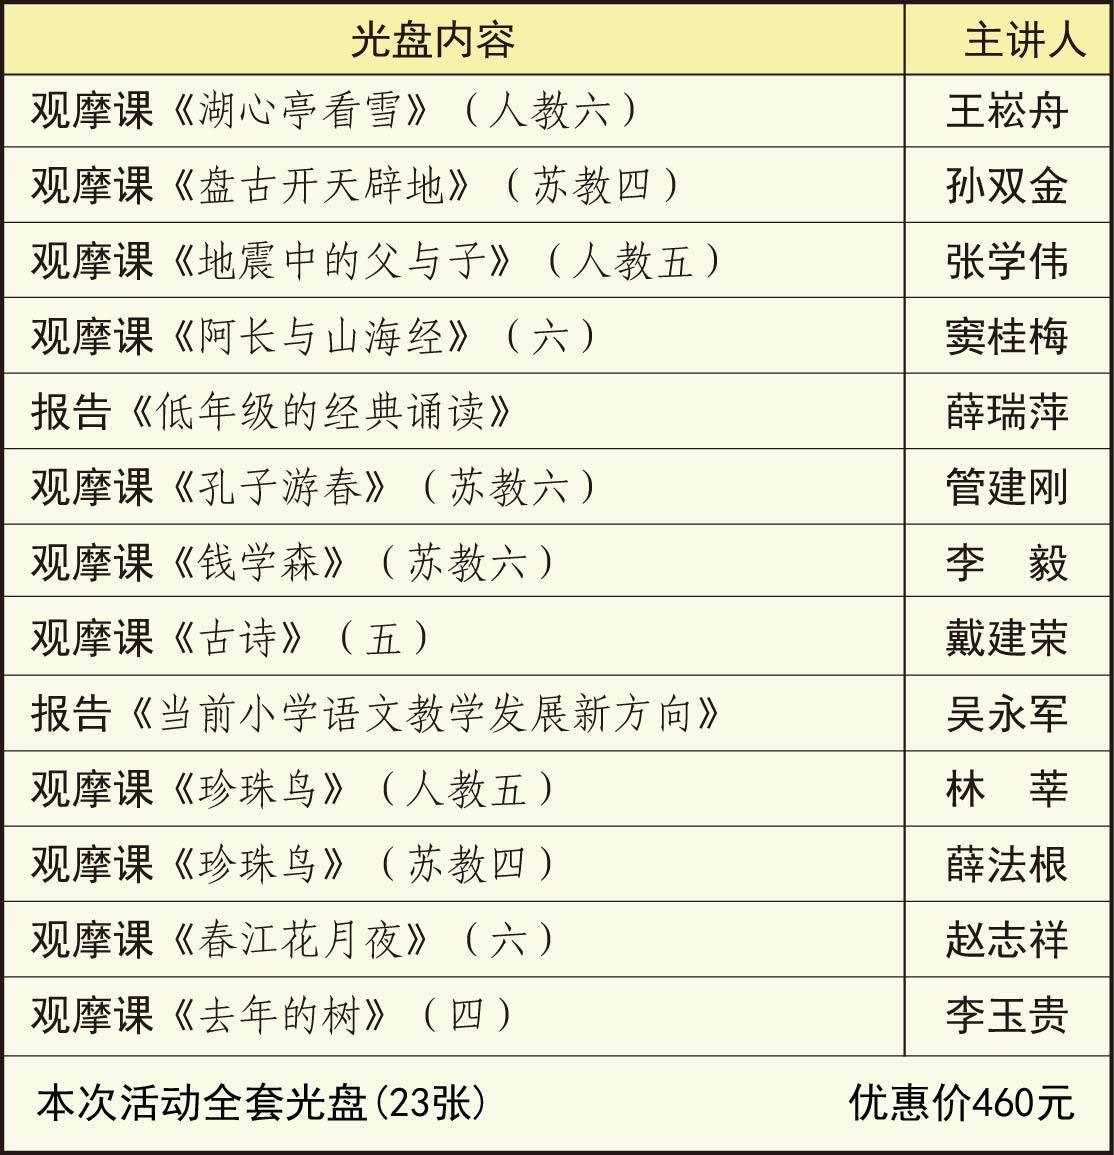 25届滁州语文光盘图.jpg